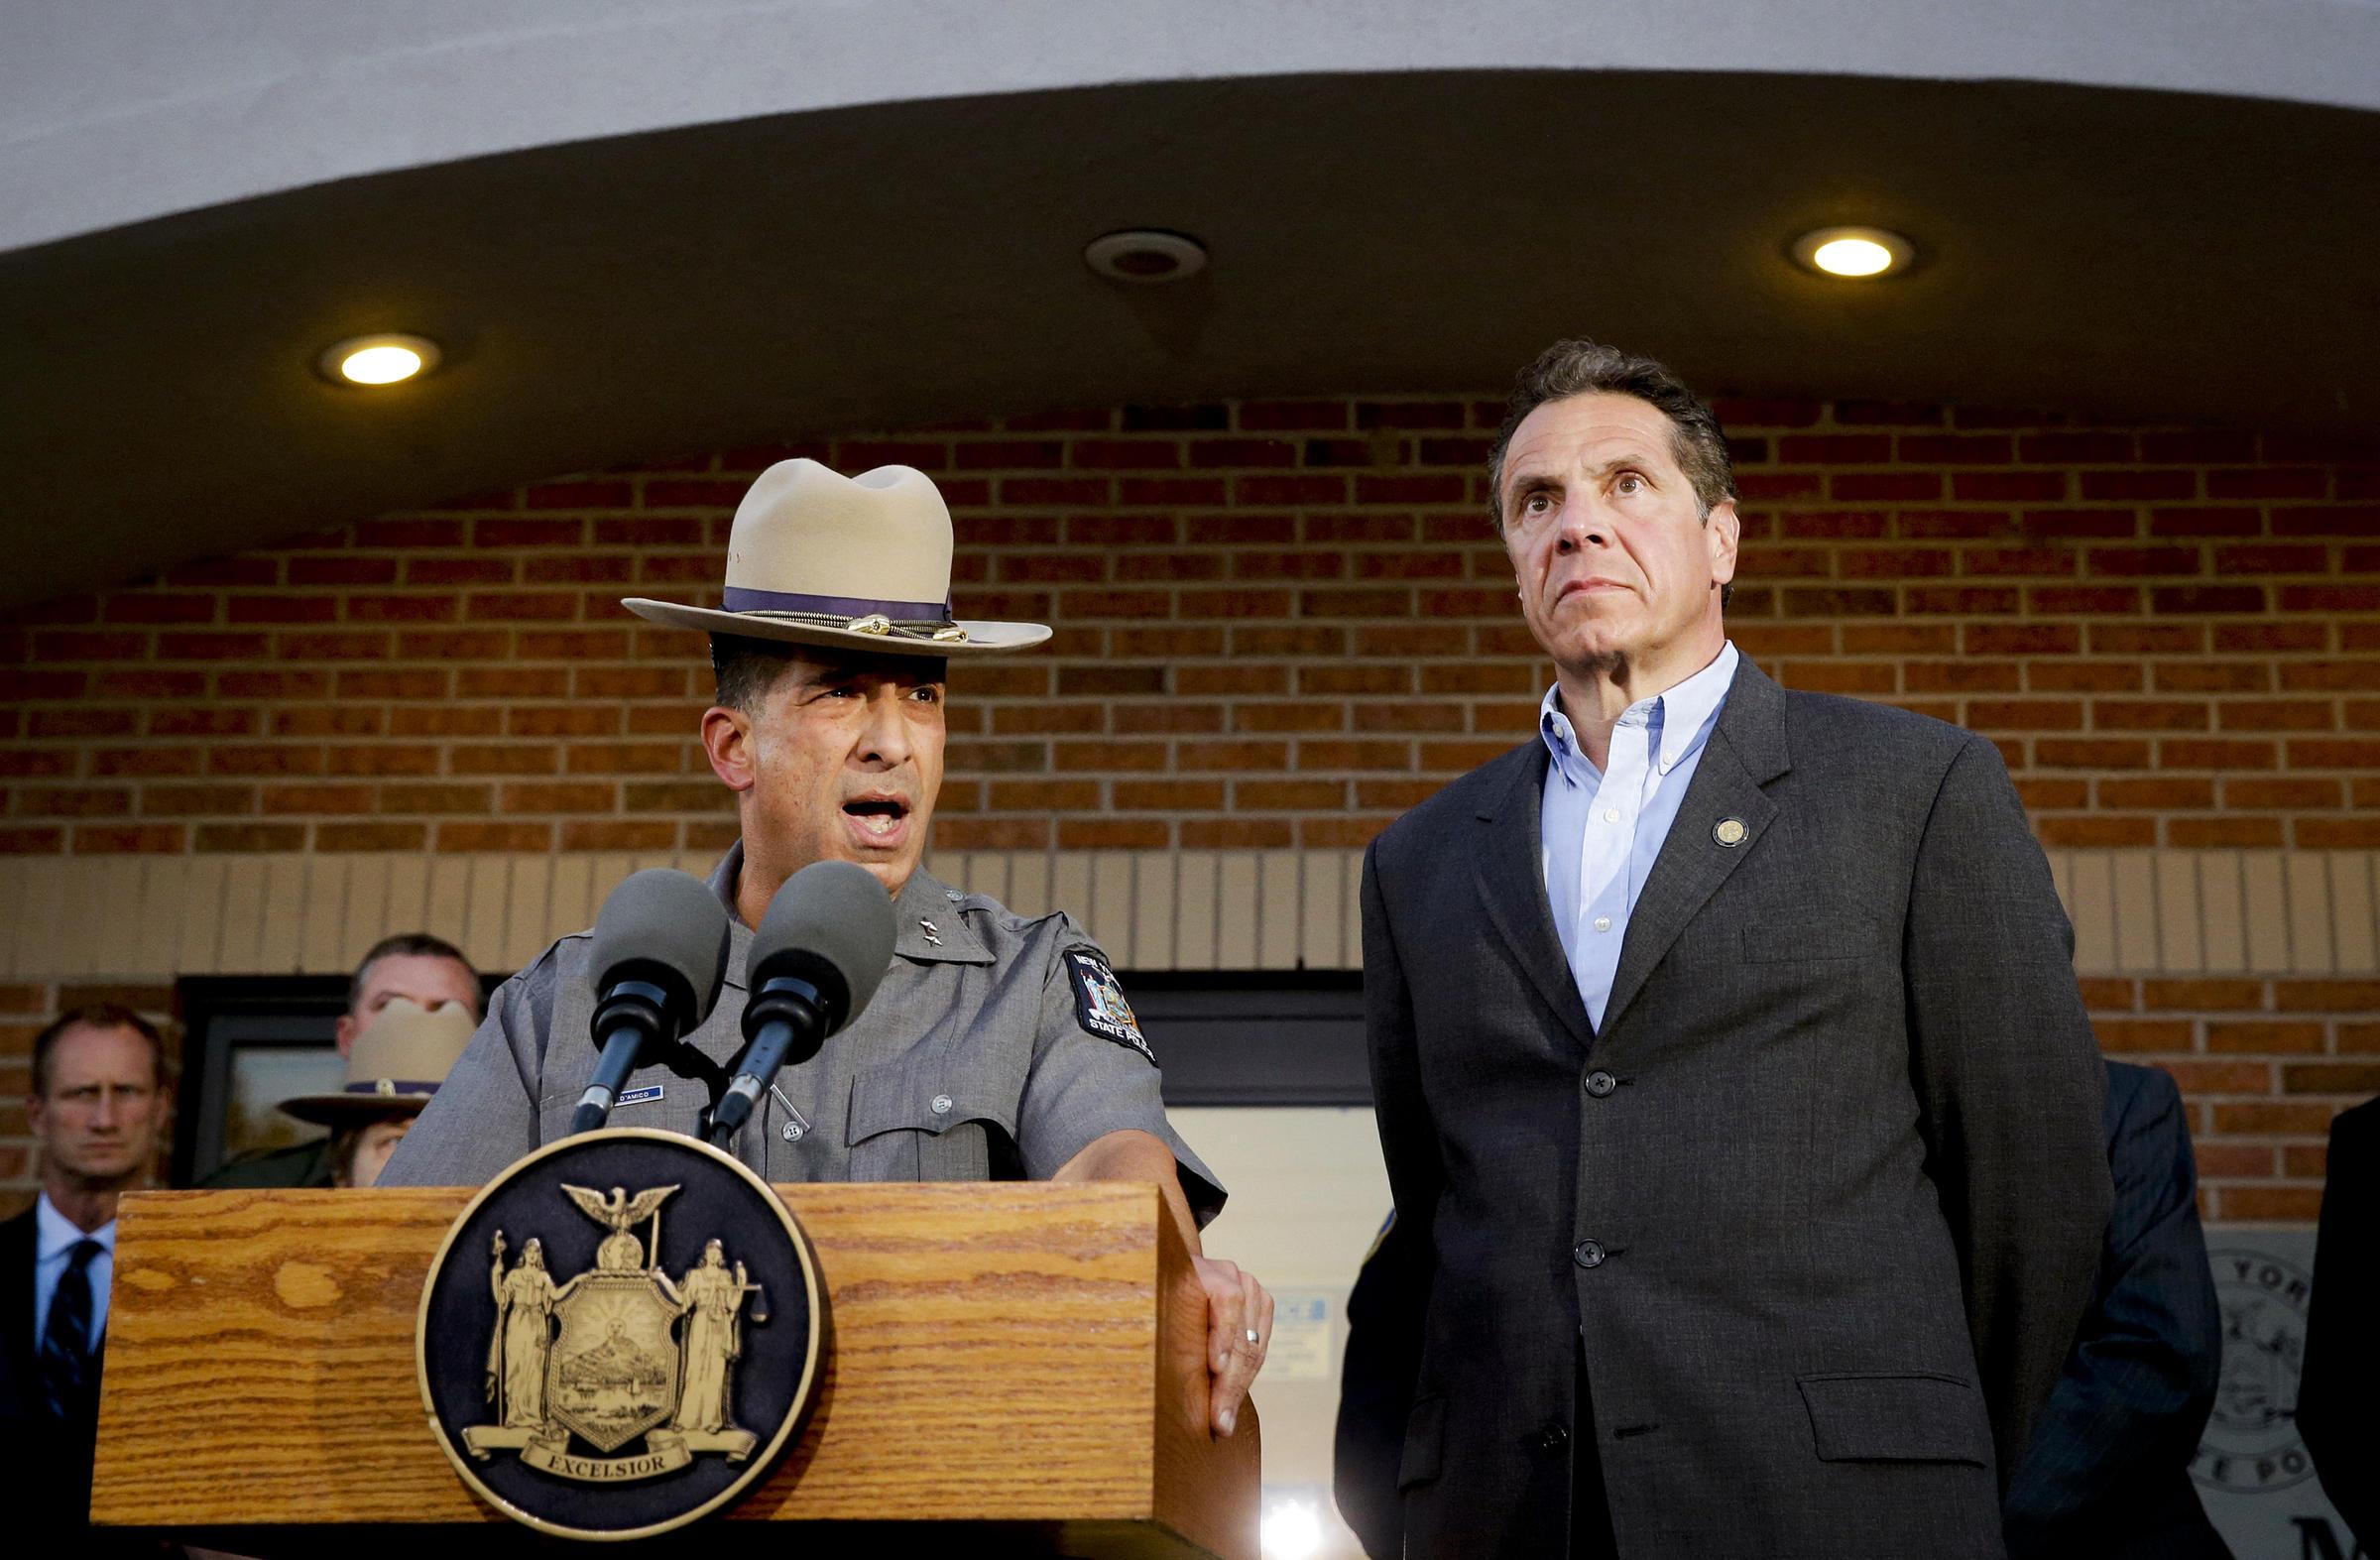 A Dozen Officials Suspended As Probe Into N Y  Prison Break